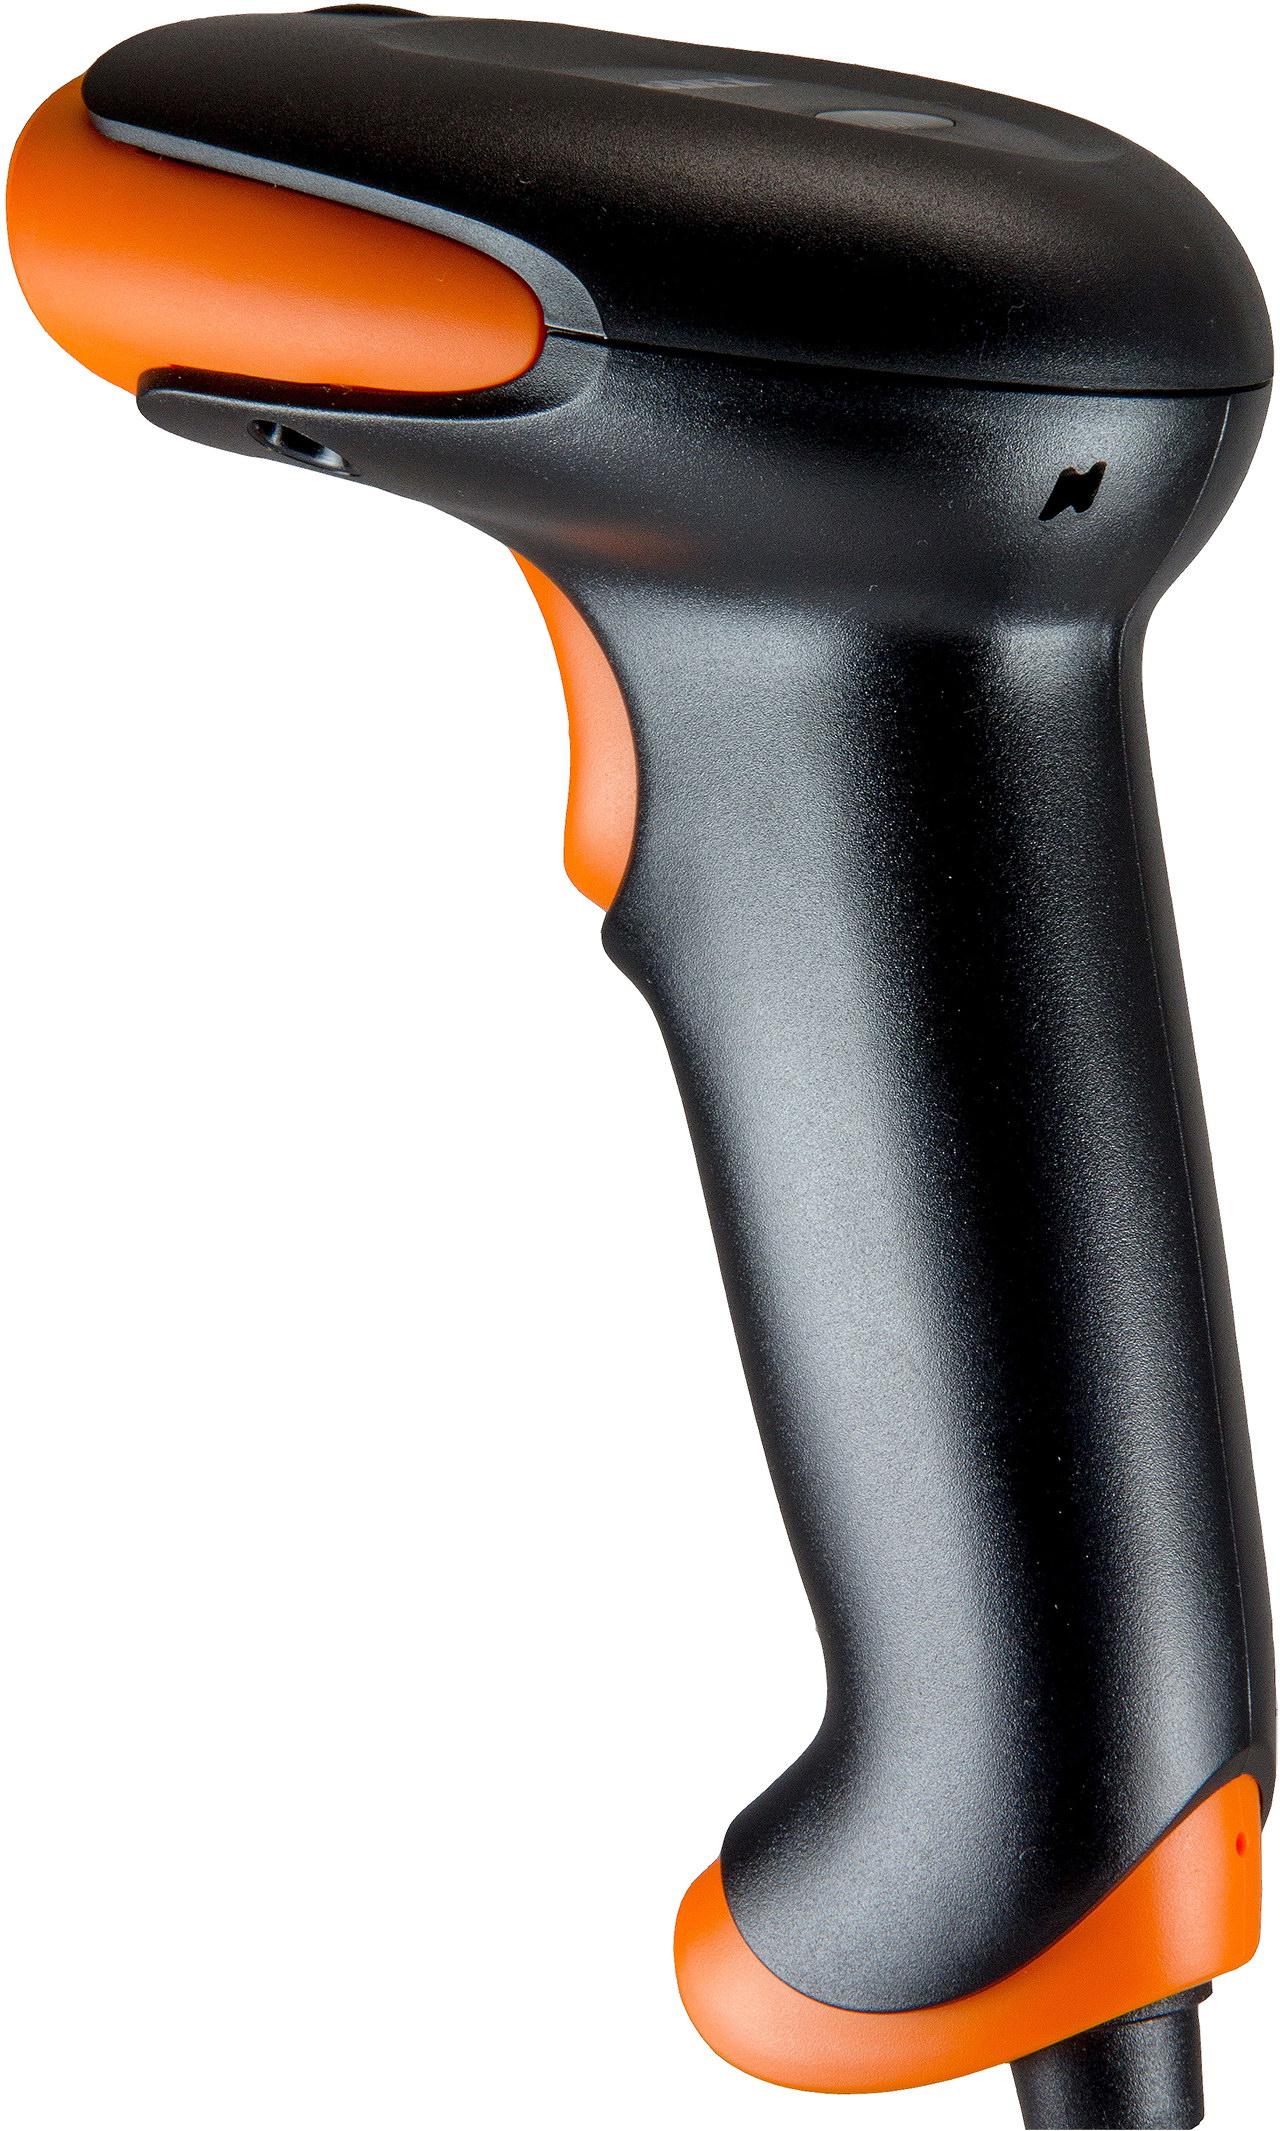 GoDEX GS220 - Barcode-Scanner - Handgerät - 72 Scans/Sek.